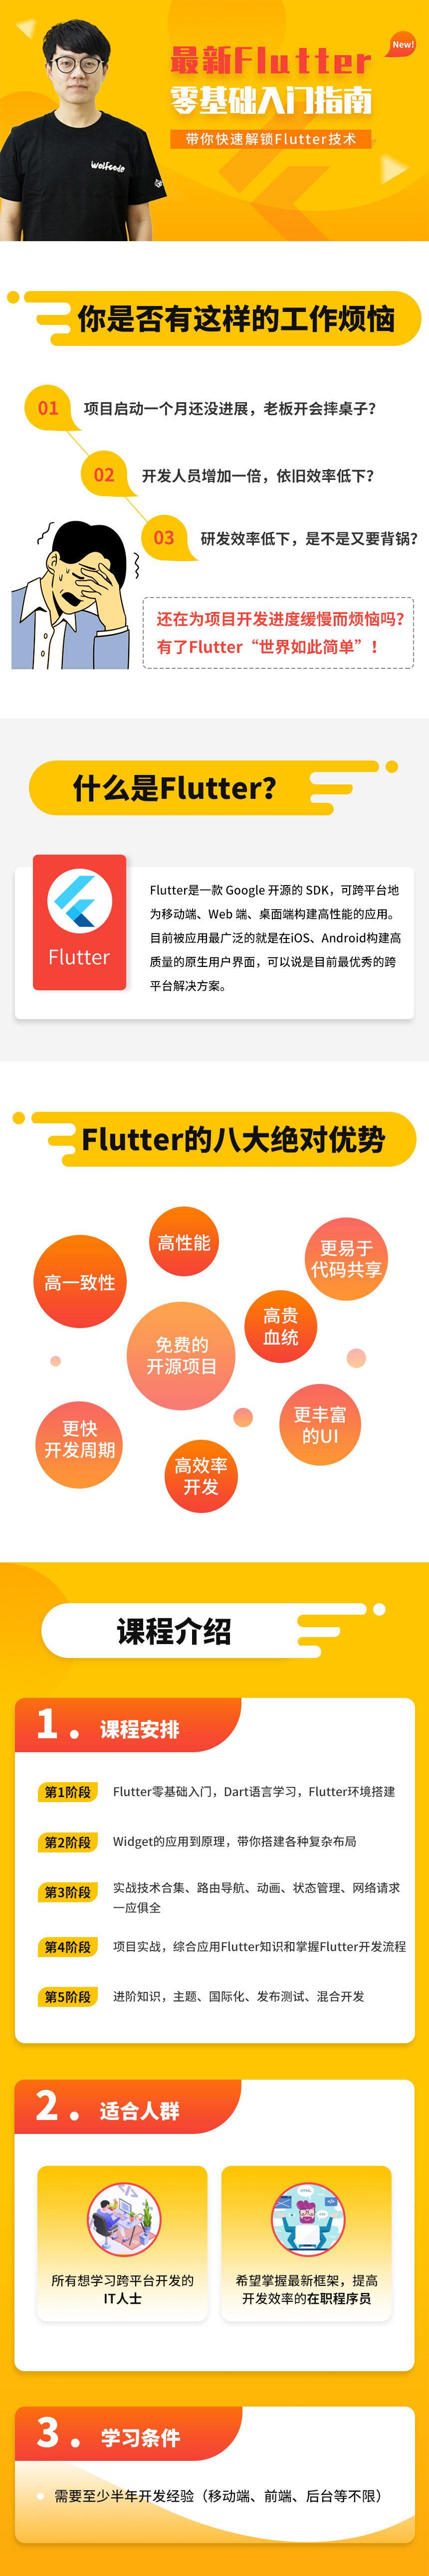 小码哥Flutter从入门到实战